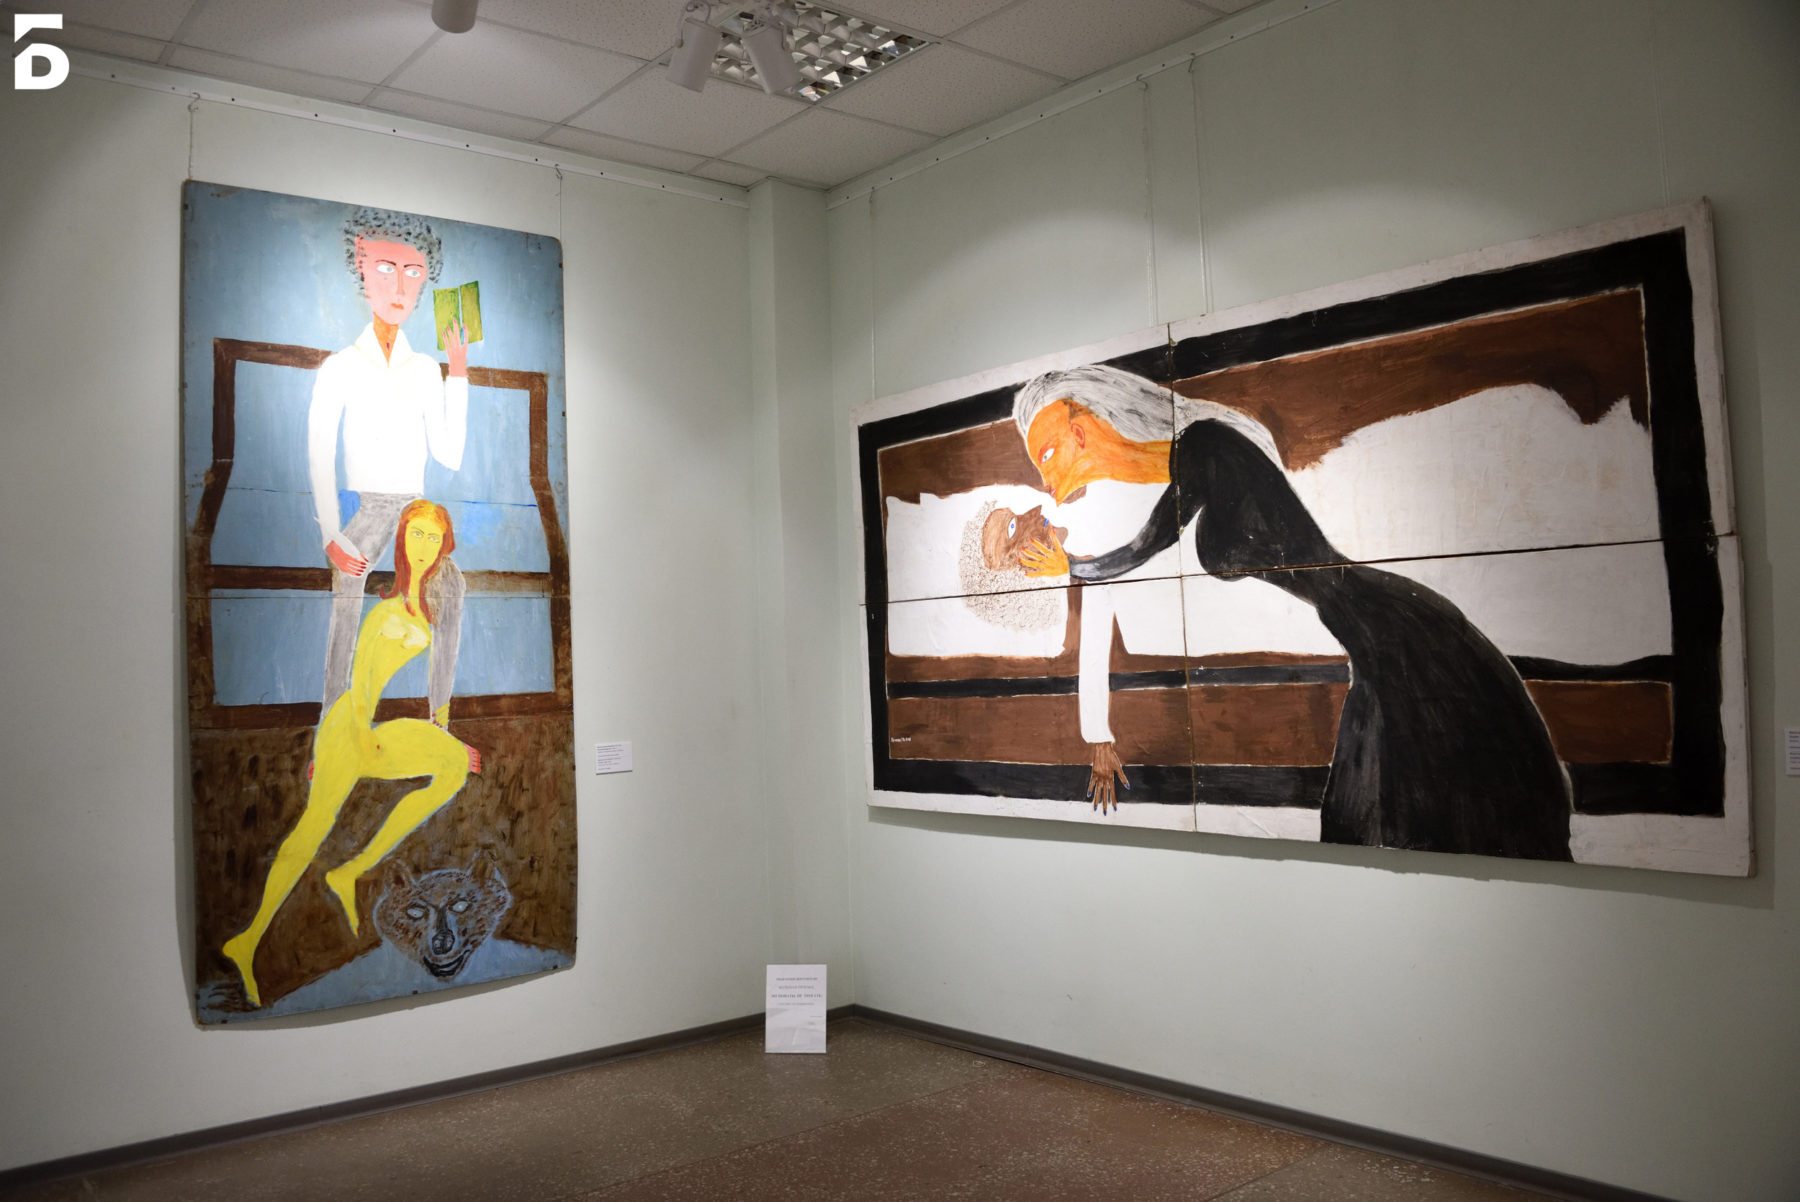 Жителям Балашихи покажут фильмы о живописи в акцию «Ночь музеев»